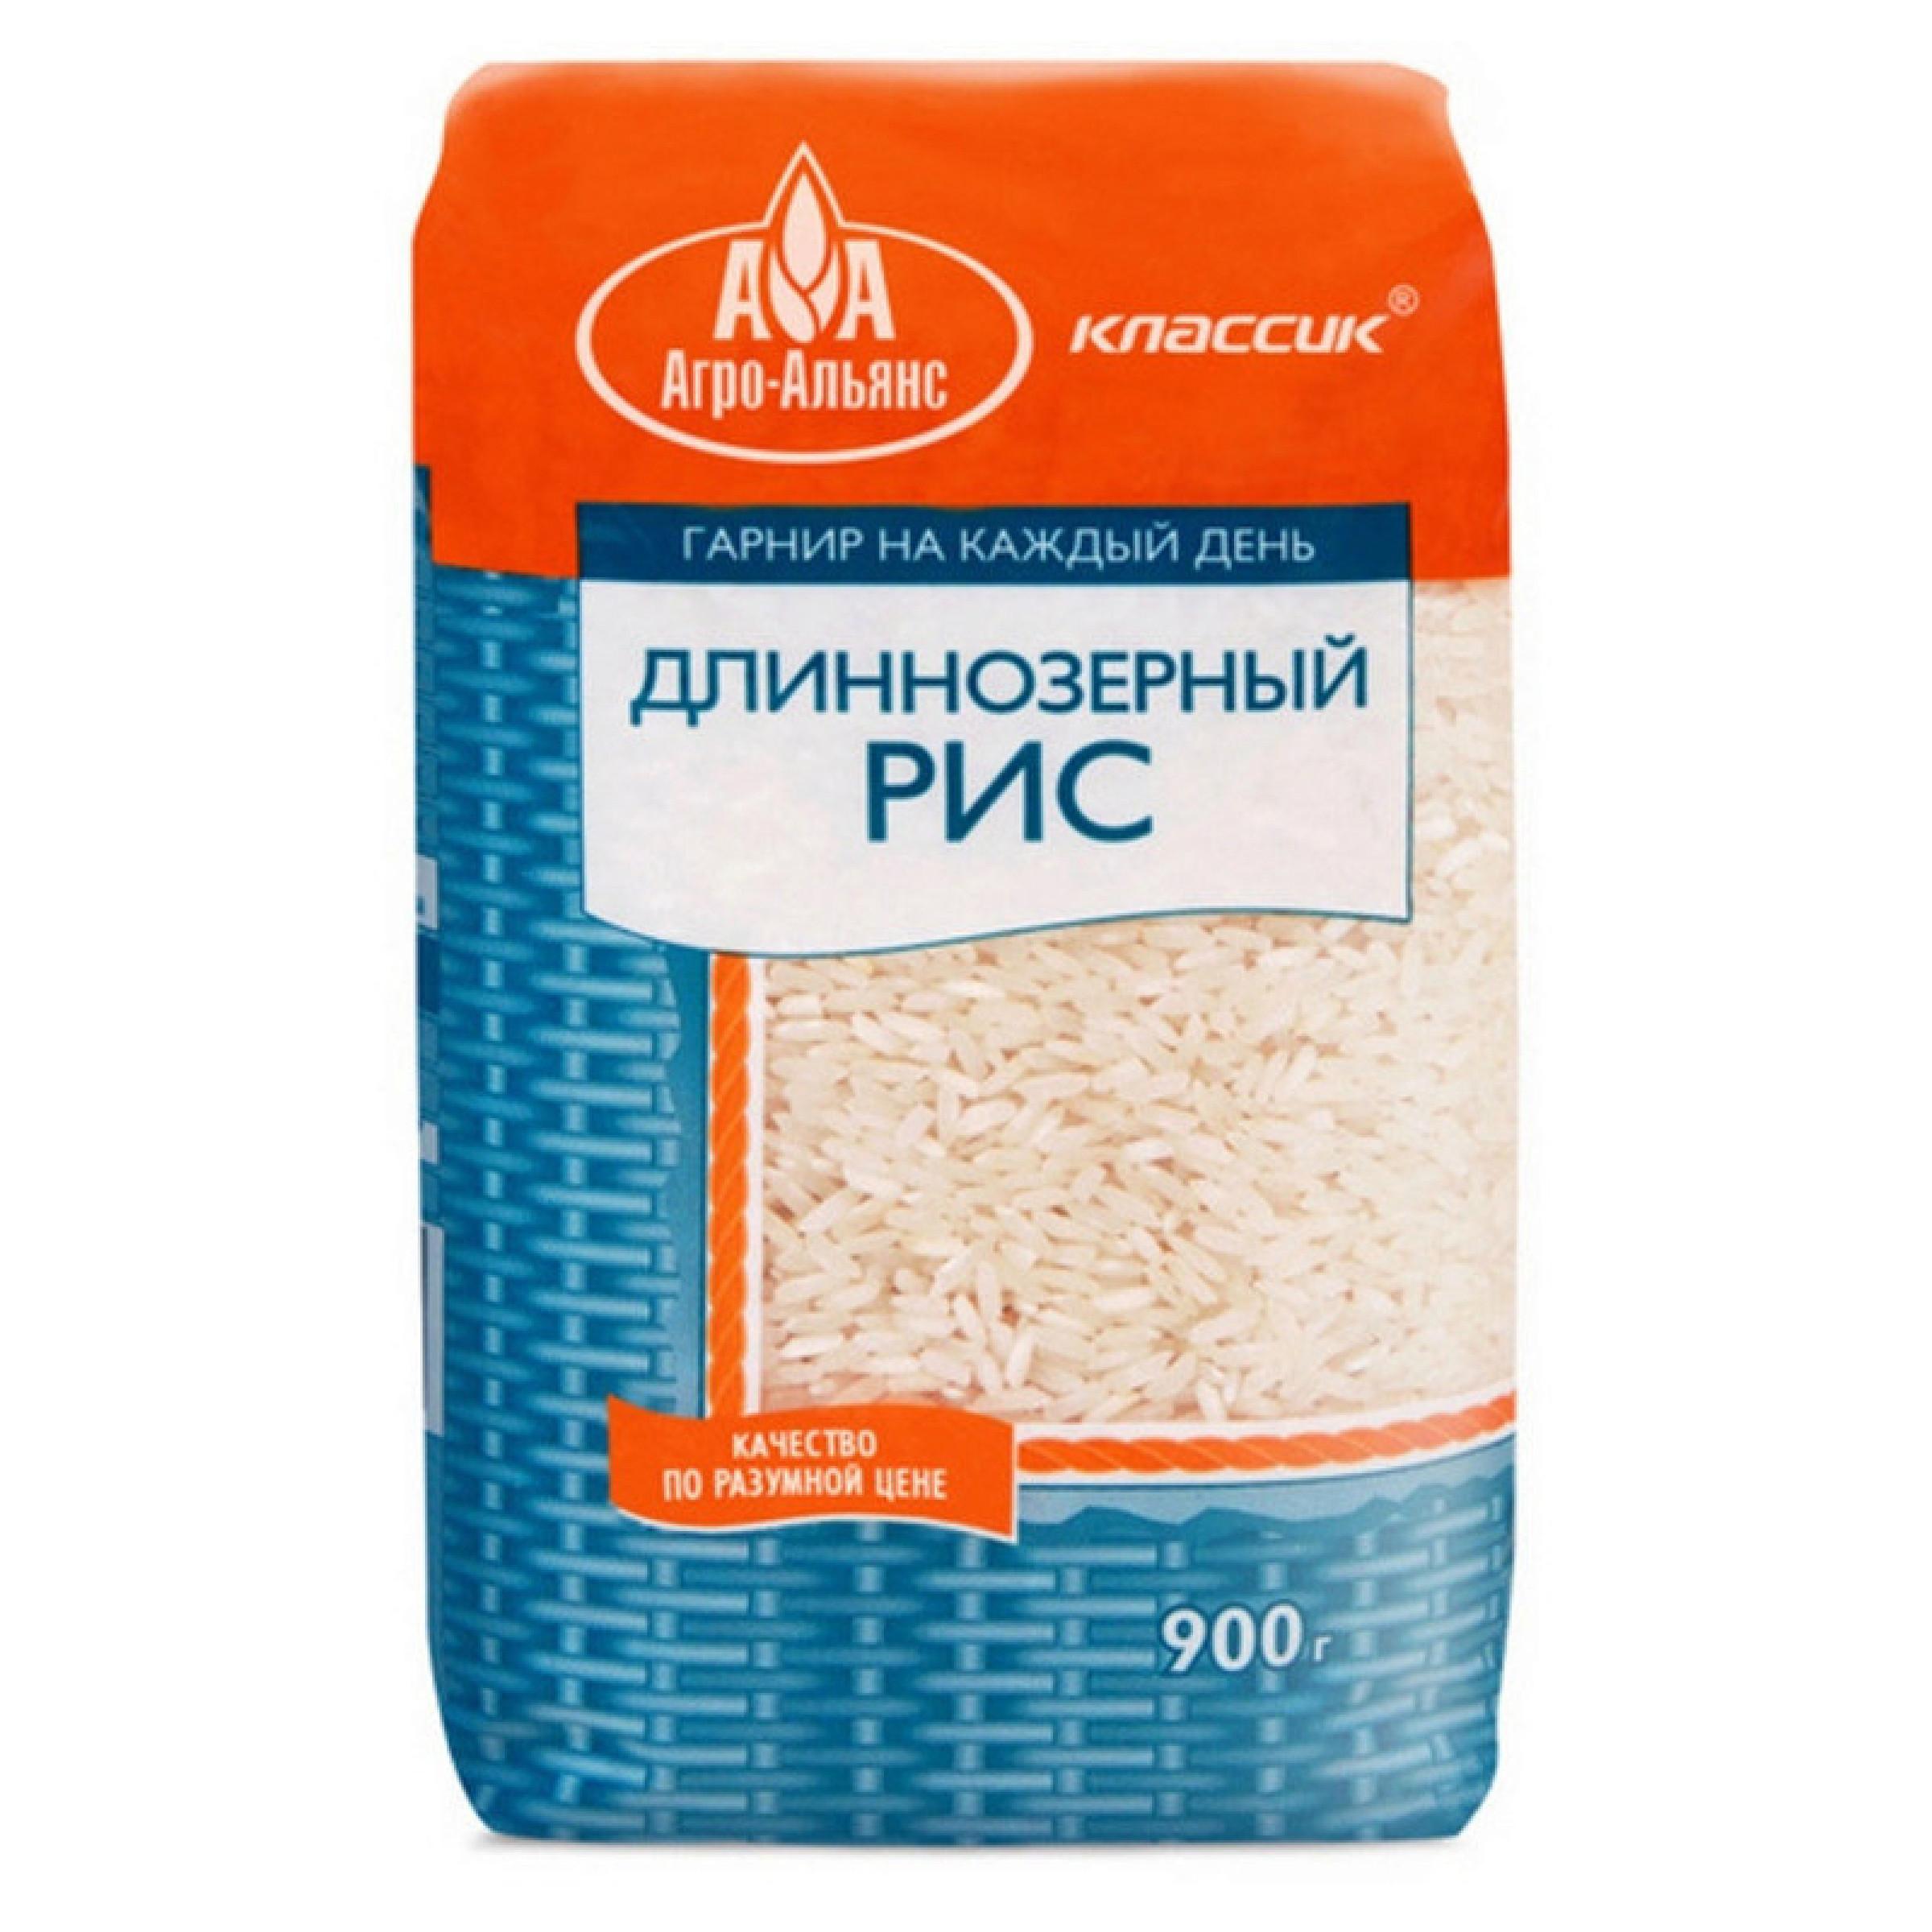 """Рис длиннозерный """"Агро-Альянс"""" Классик, 900 г"""